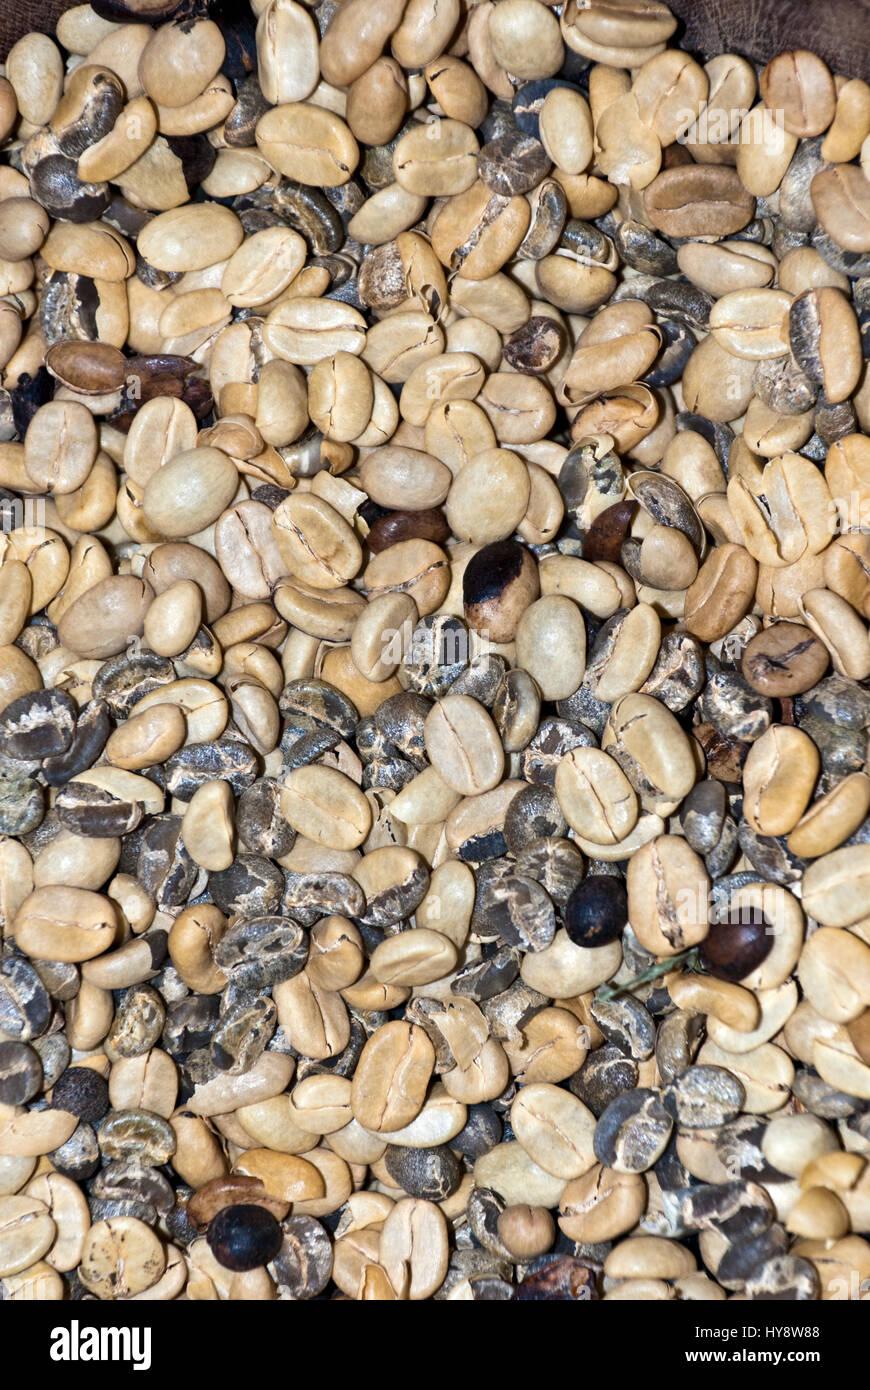 Café, granos de café verde - valor nutritivo y contenido antioxidante - Beneficios de Salud - Fondos y Imagen De Stock